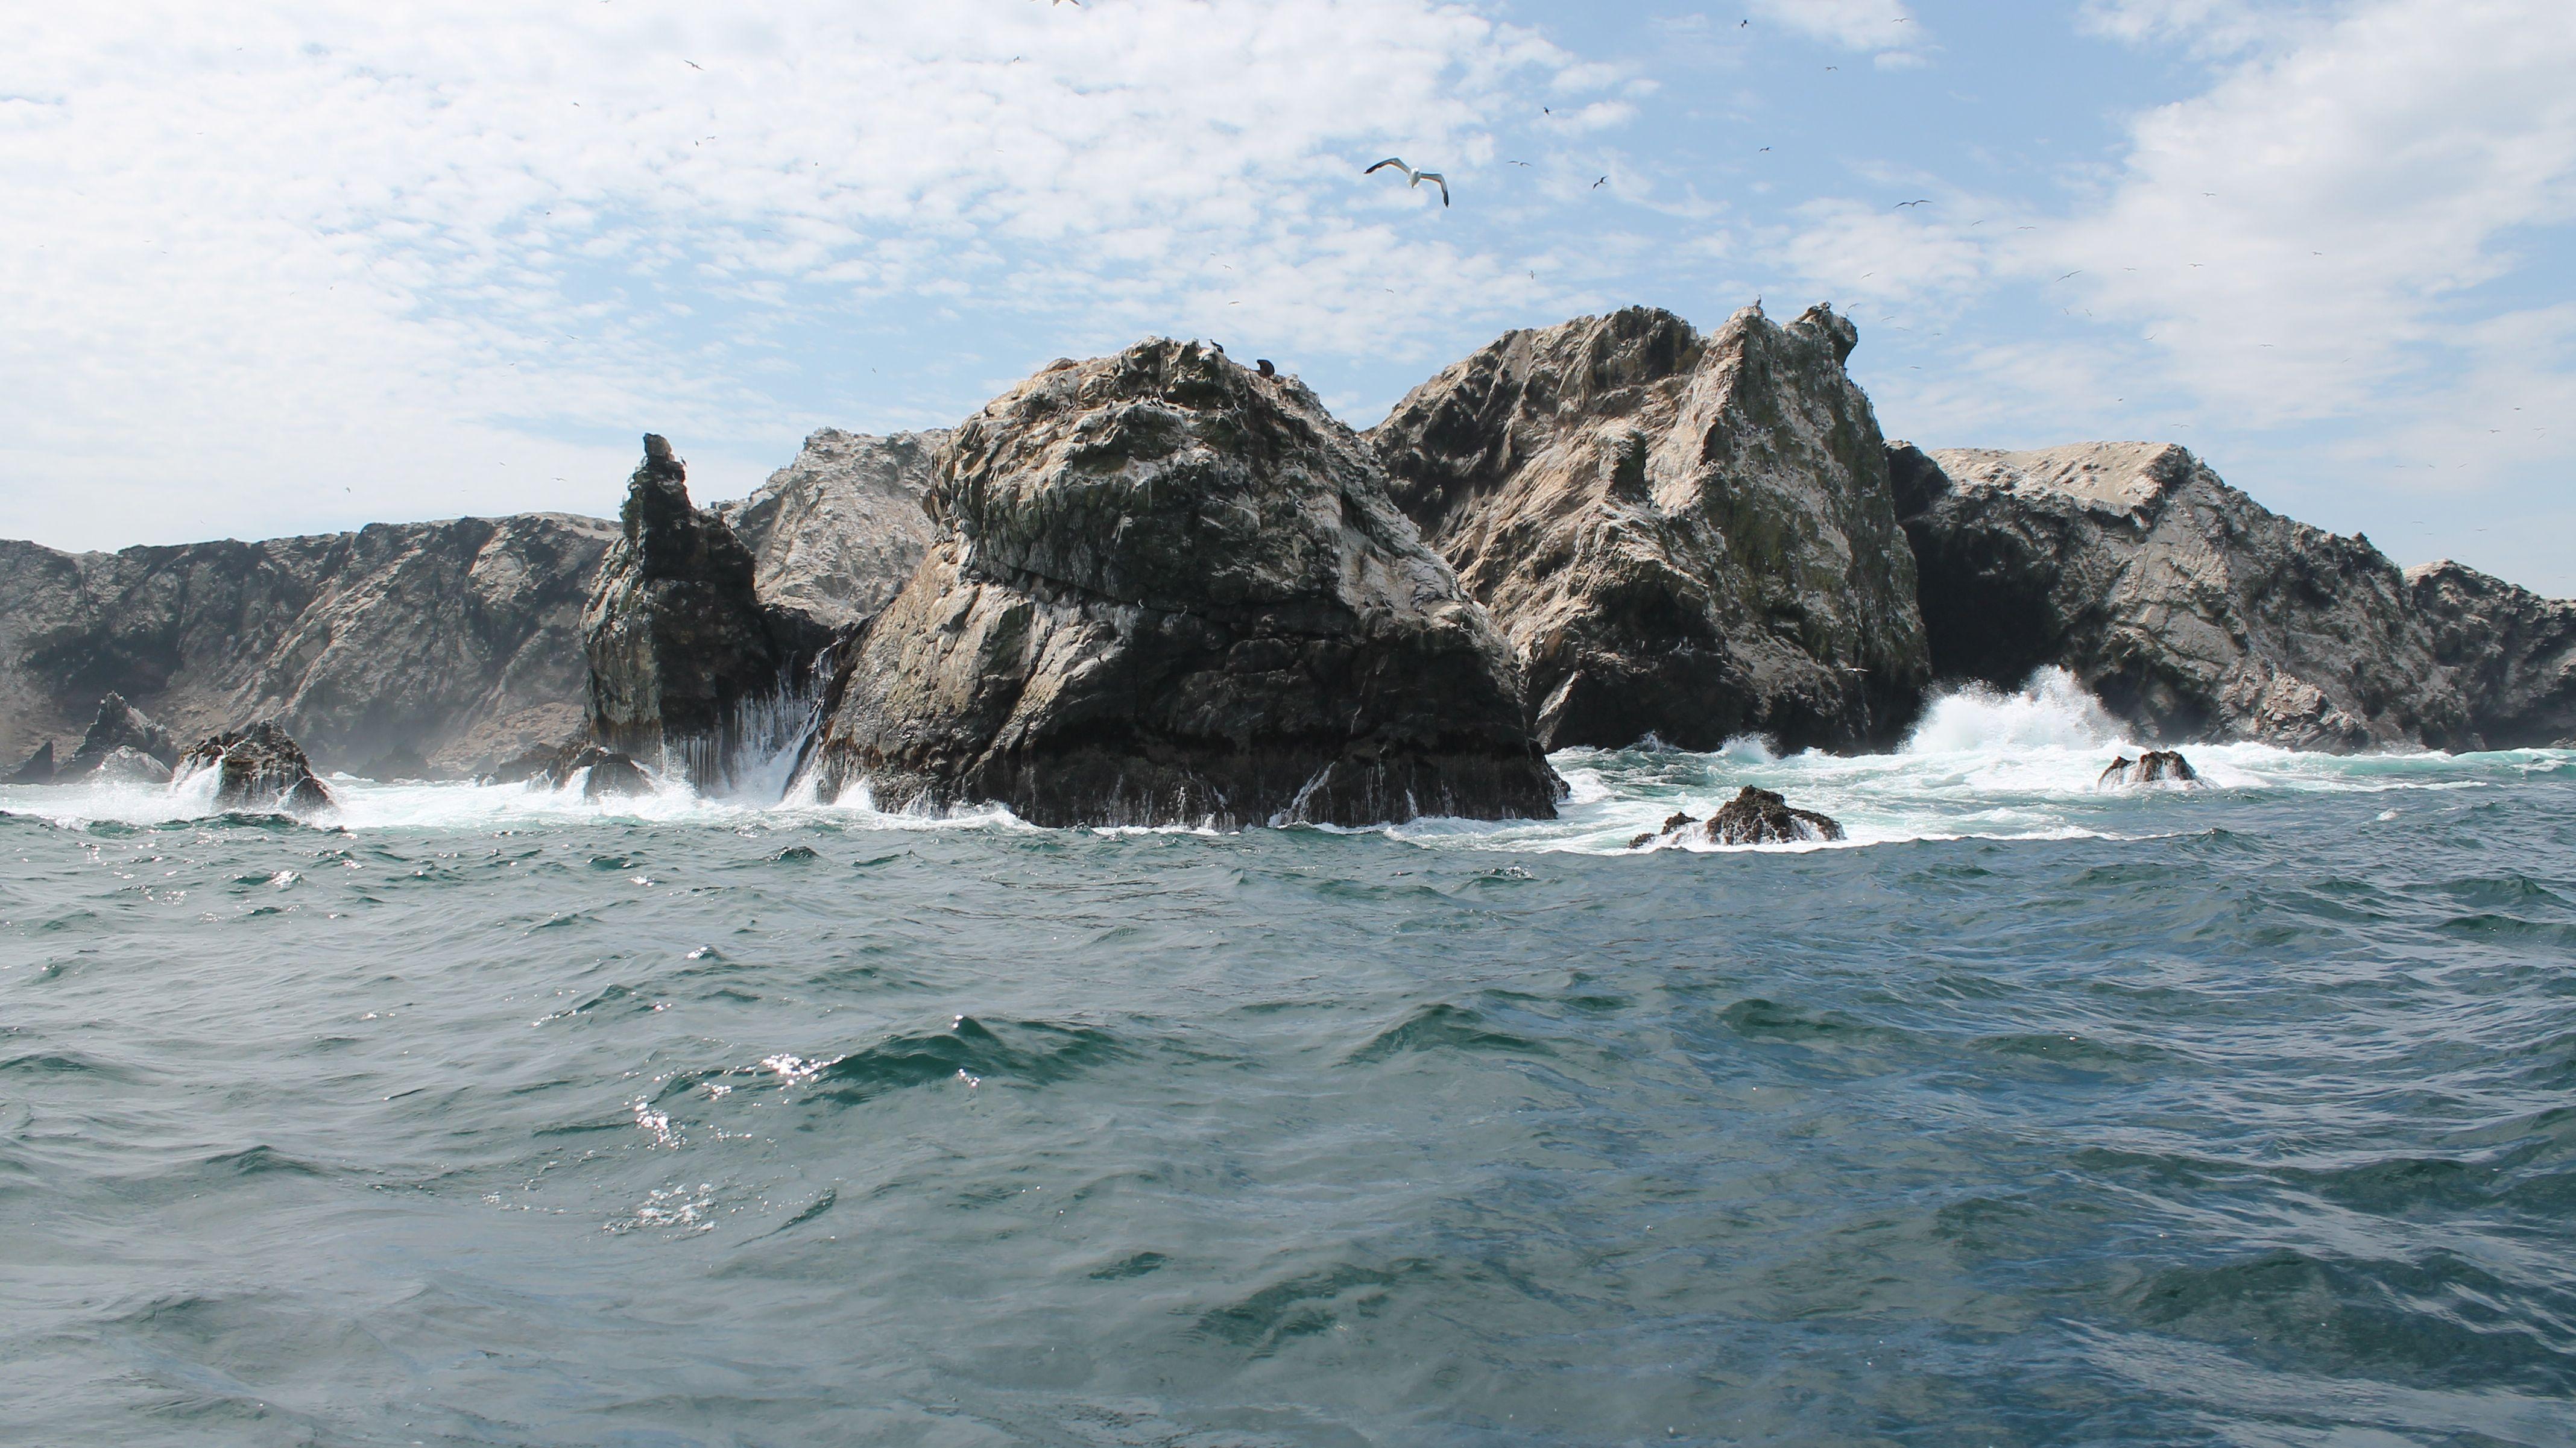 La Isla Foca Paita - 4272x2402